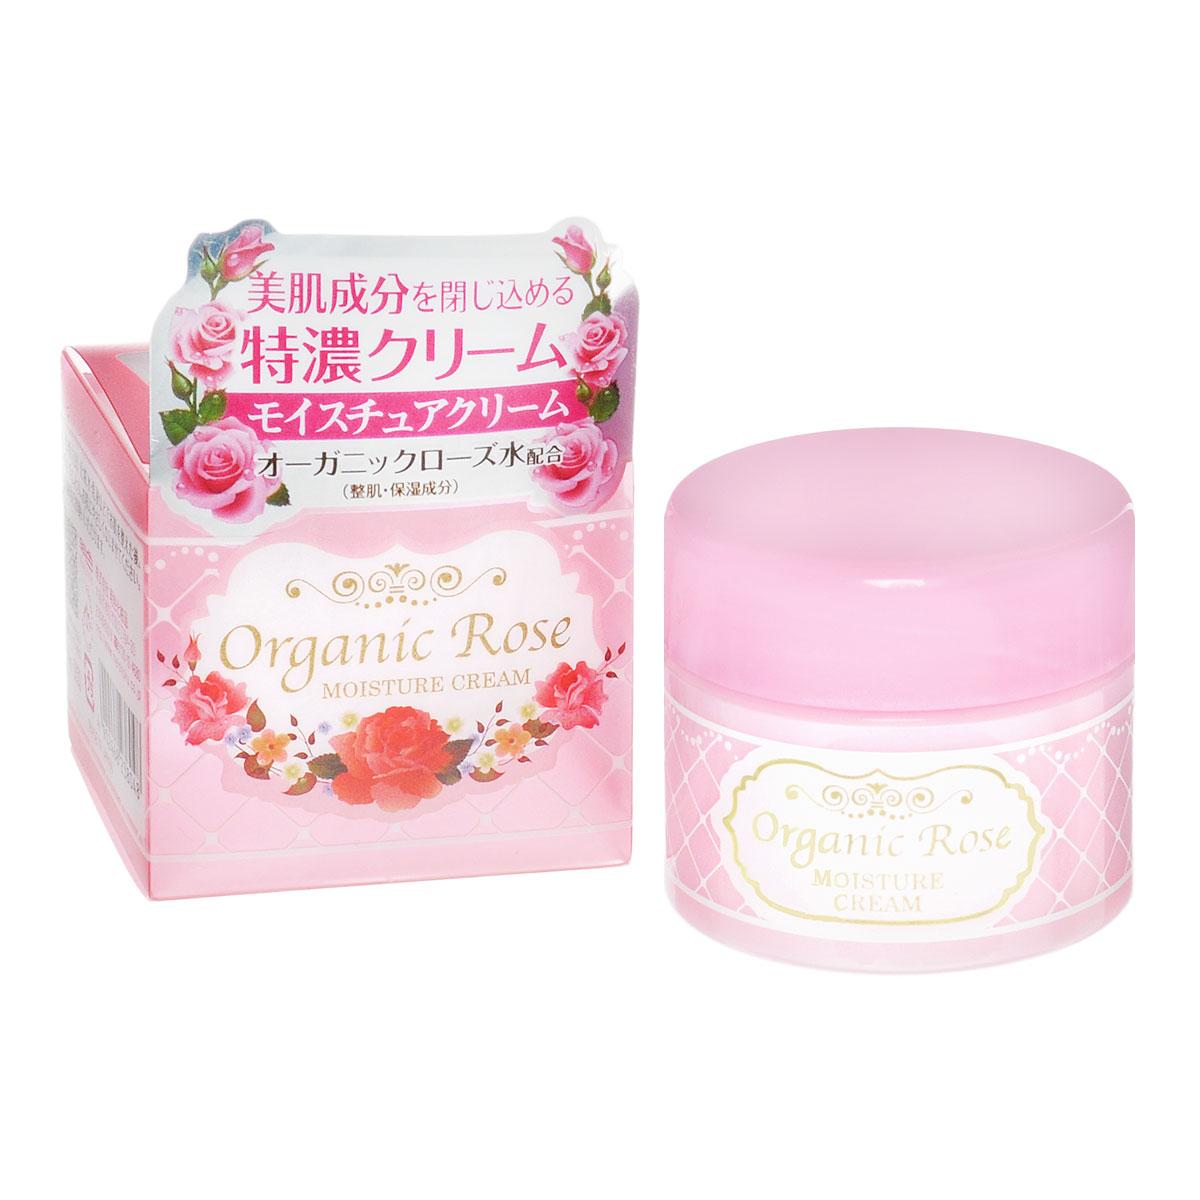 Meishoku Крем для лица Organic Rose, увлажняющий, с экстрактом дамасской розы, 50 г9665Насыщенный увлажняющий крем эффективно защищает кожу от проблем, связанных с сухостью, восстанавливая защитный барьер и создавая невидимую пленку. Делает кожу упругой и эластичной.В состав крема входит экстракт ячменя, удерживающий влагу в коже, масло Ши –защитный компонент, а также цветочную воду дамасской розы - компонент, нормализующий состояние кожи.Экстракт дамасской розы освежает и тонизирует уставшую кожу, насыщает ее витаминами. Товар сертифицирован.